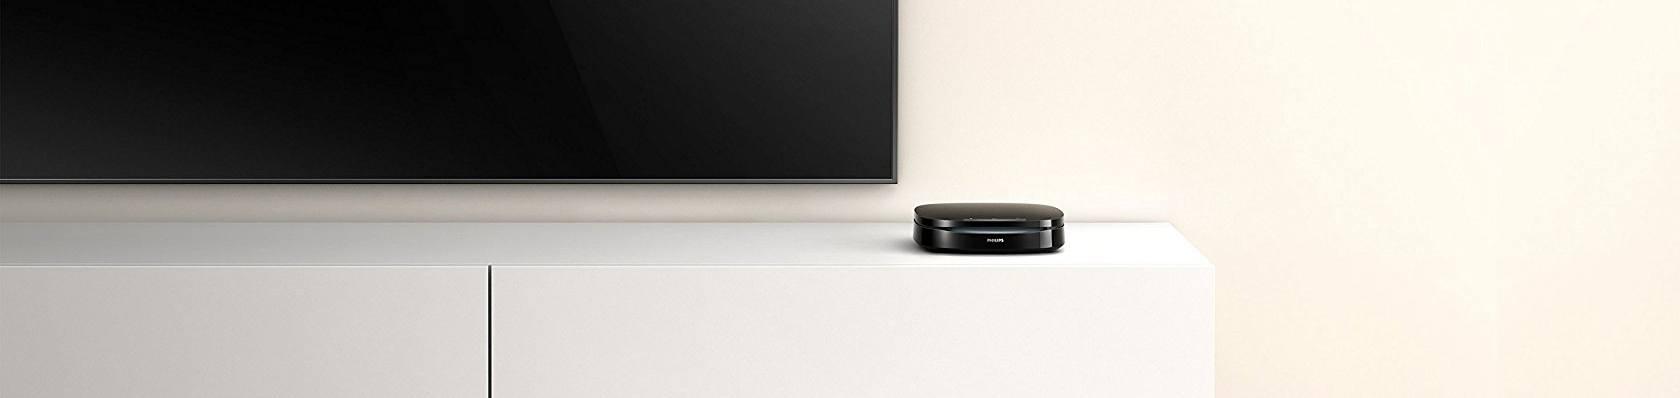 DVB-T Receiver im Test auf ExpertenTesten.de